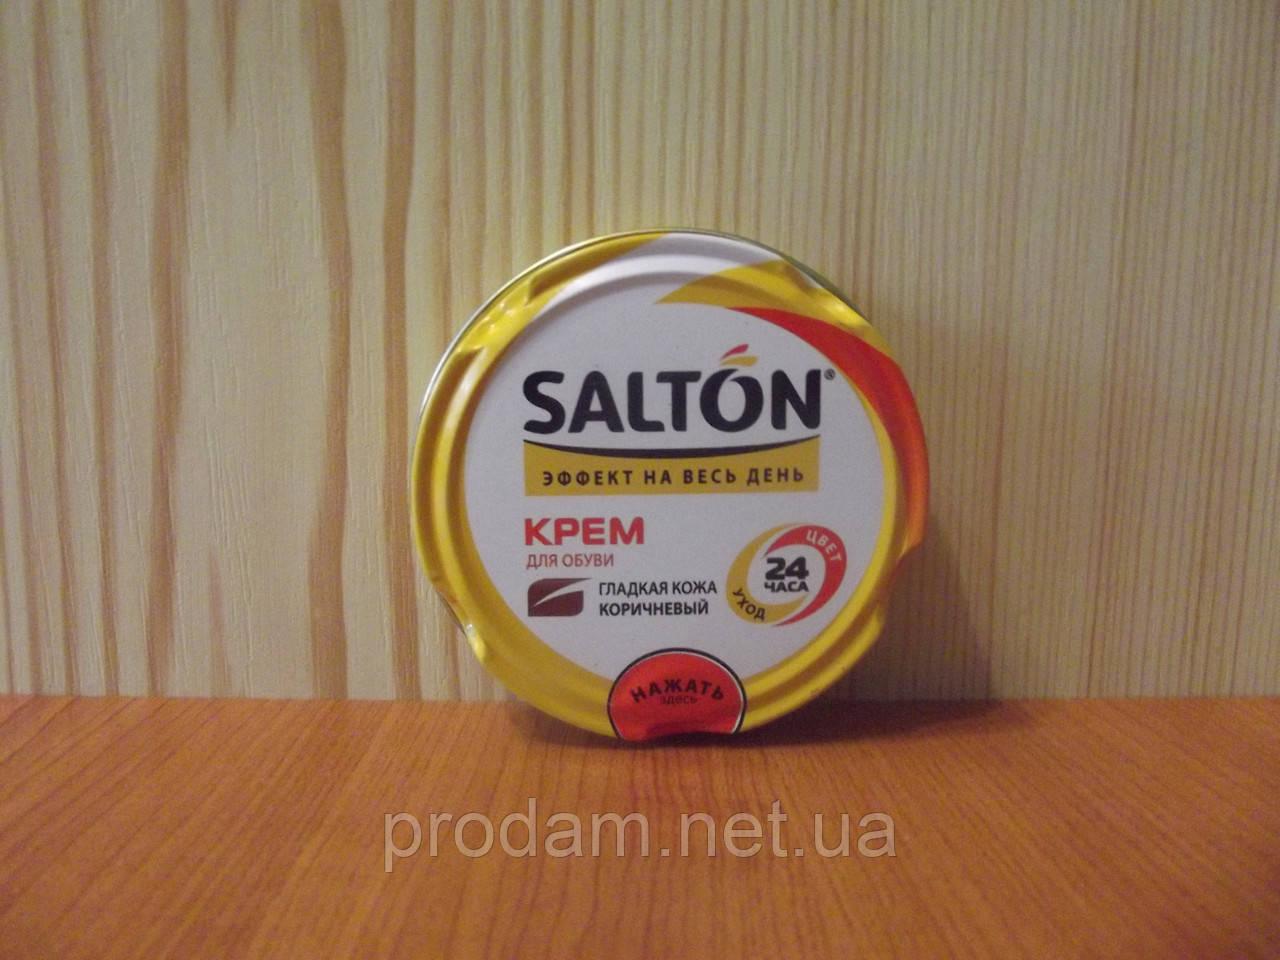 Кричневый крем для обуви Salton